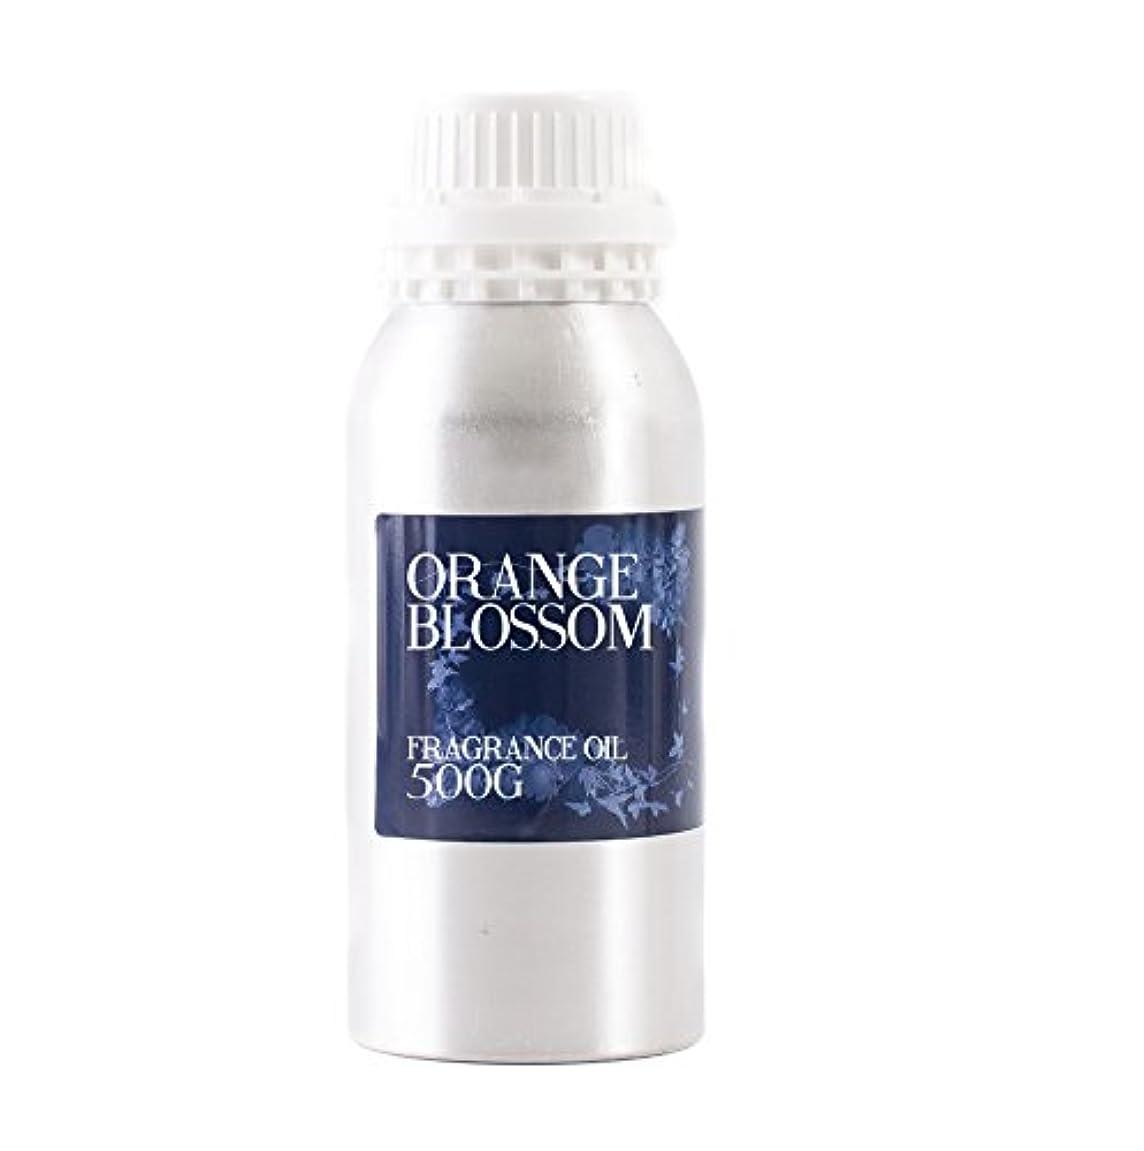 ブラウス単独で子犬Mystic Moments | Orange Blossom Fragrance Oil - 500g